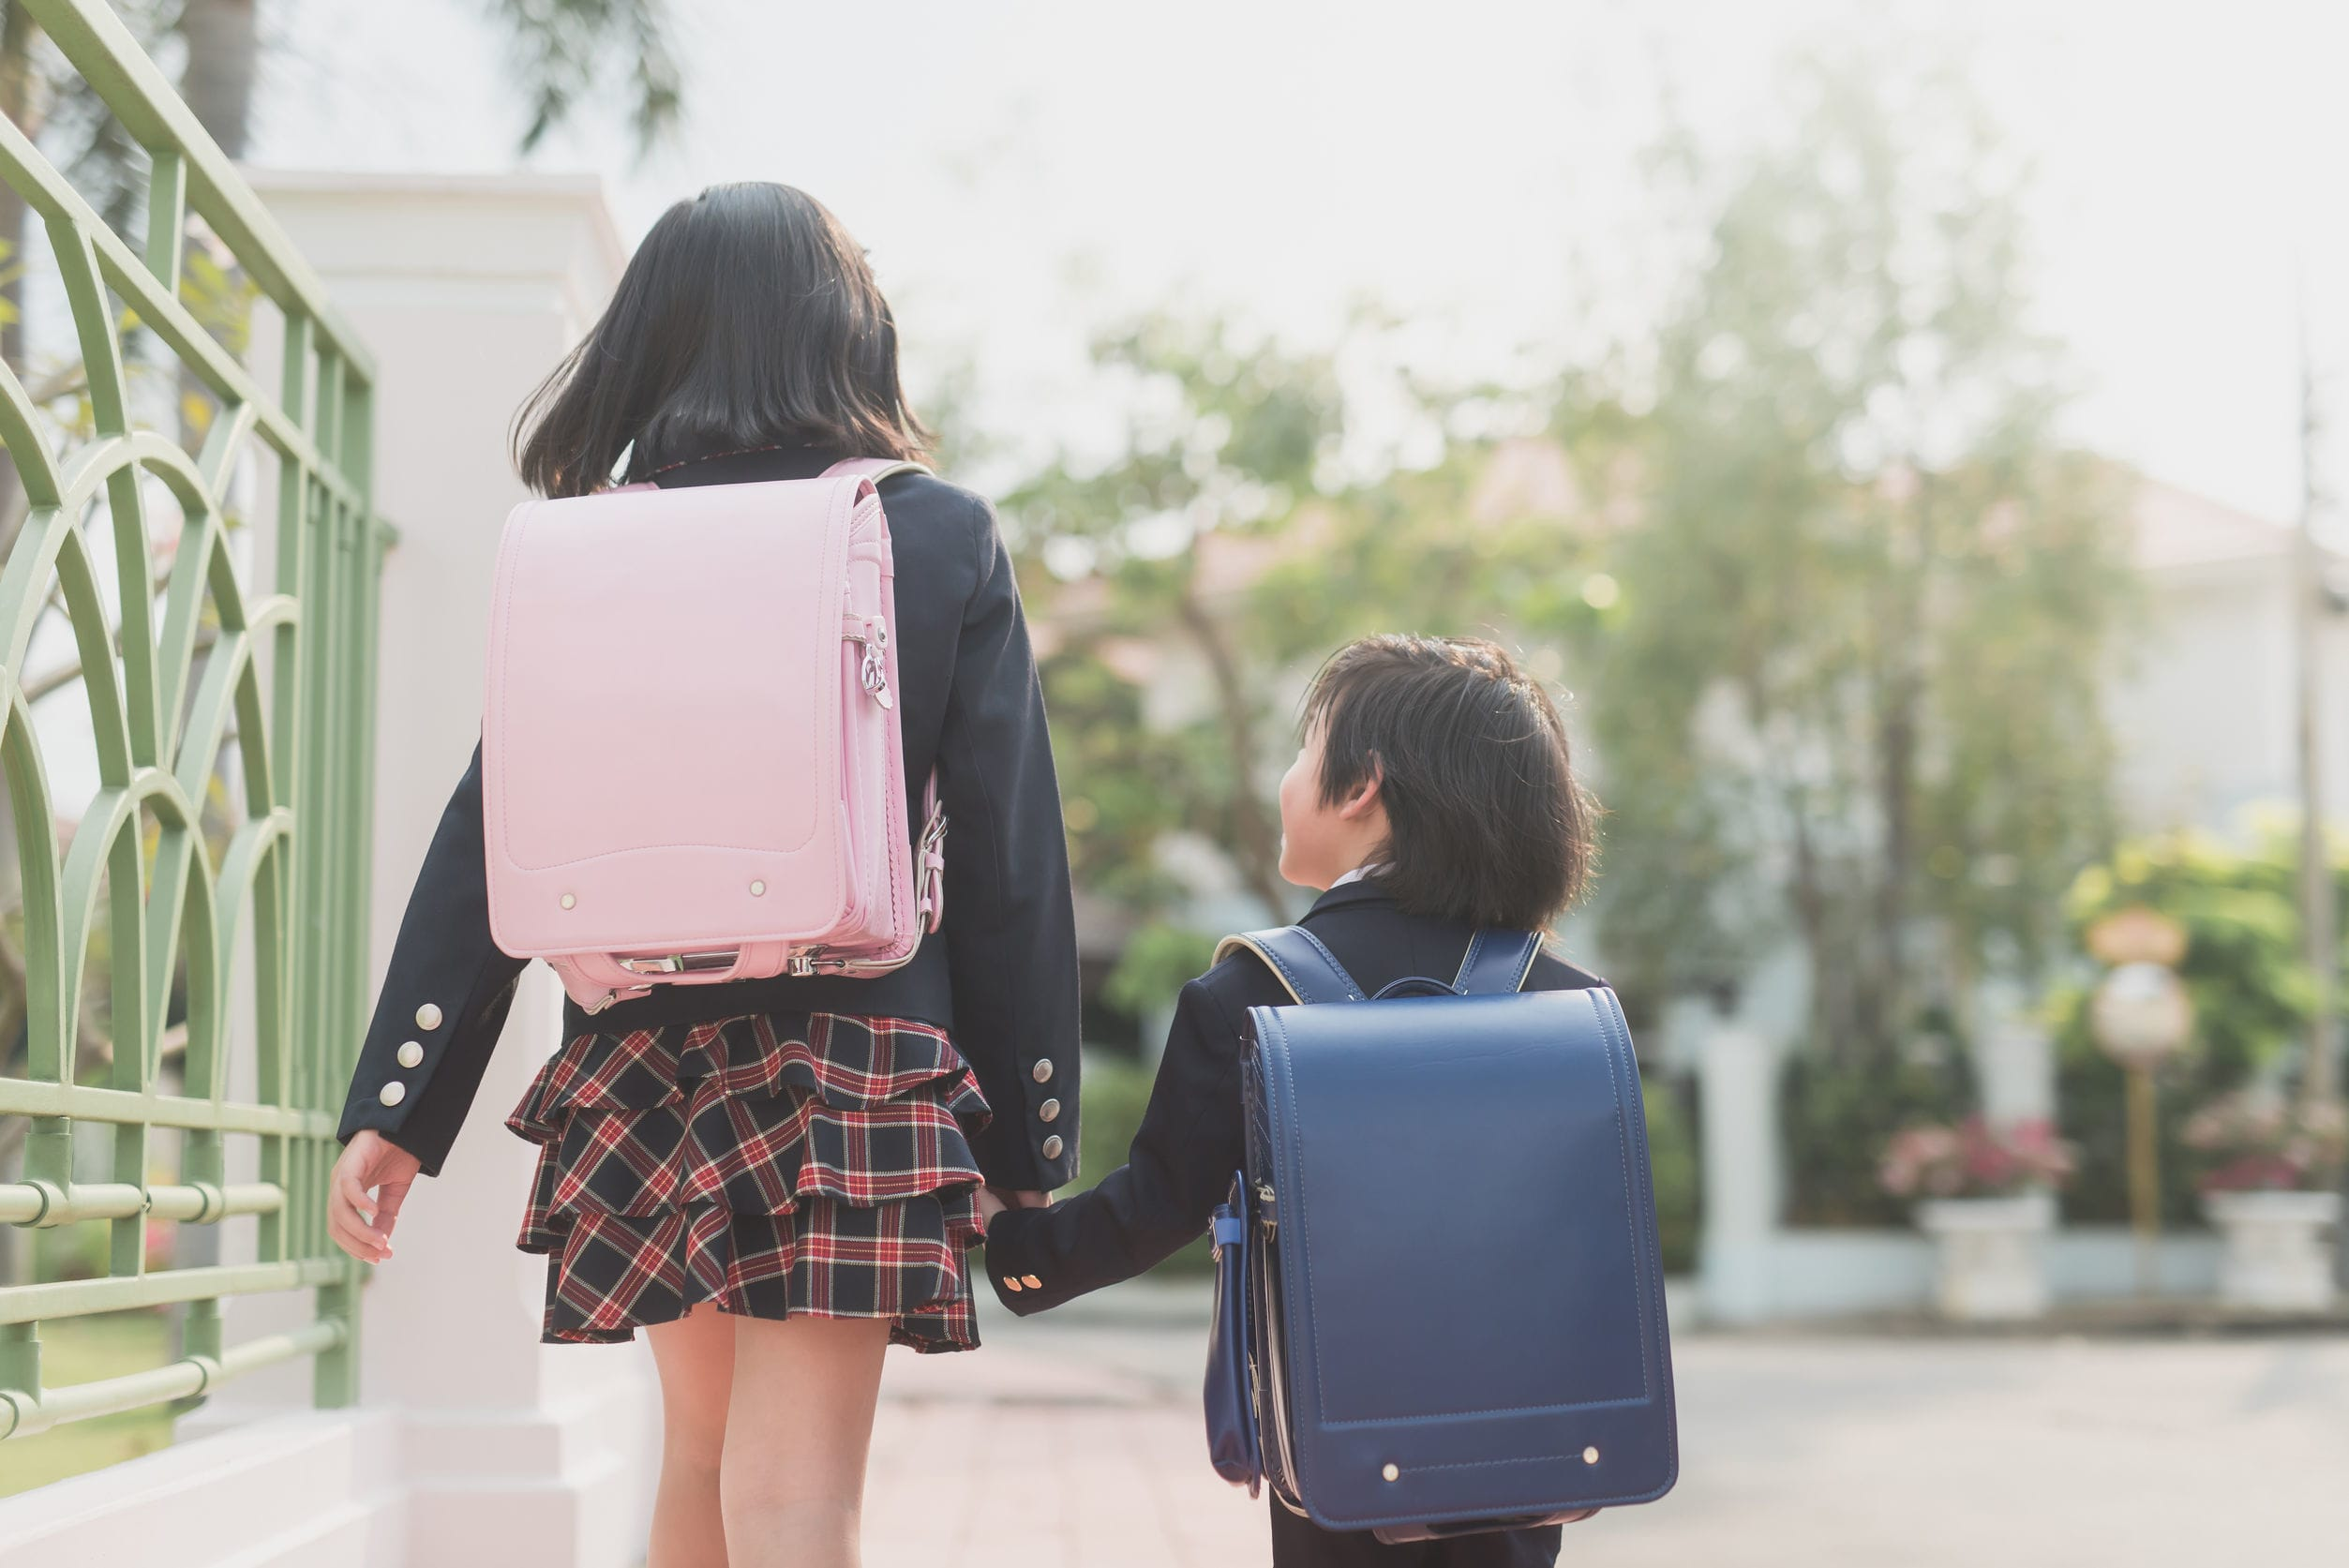 Tại sao trẻ em Nhật Bản lại sử dụng cặp chống lưng gù Randoseru chứ không phải ba lô thông thường?